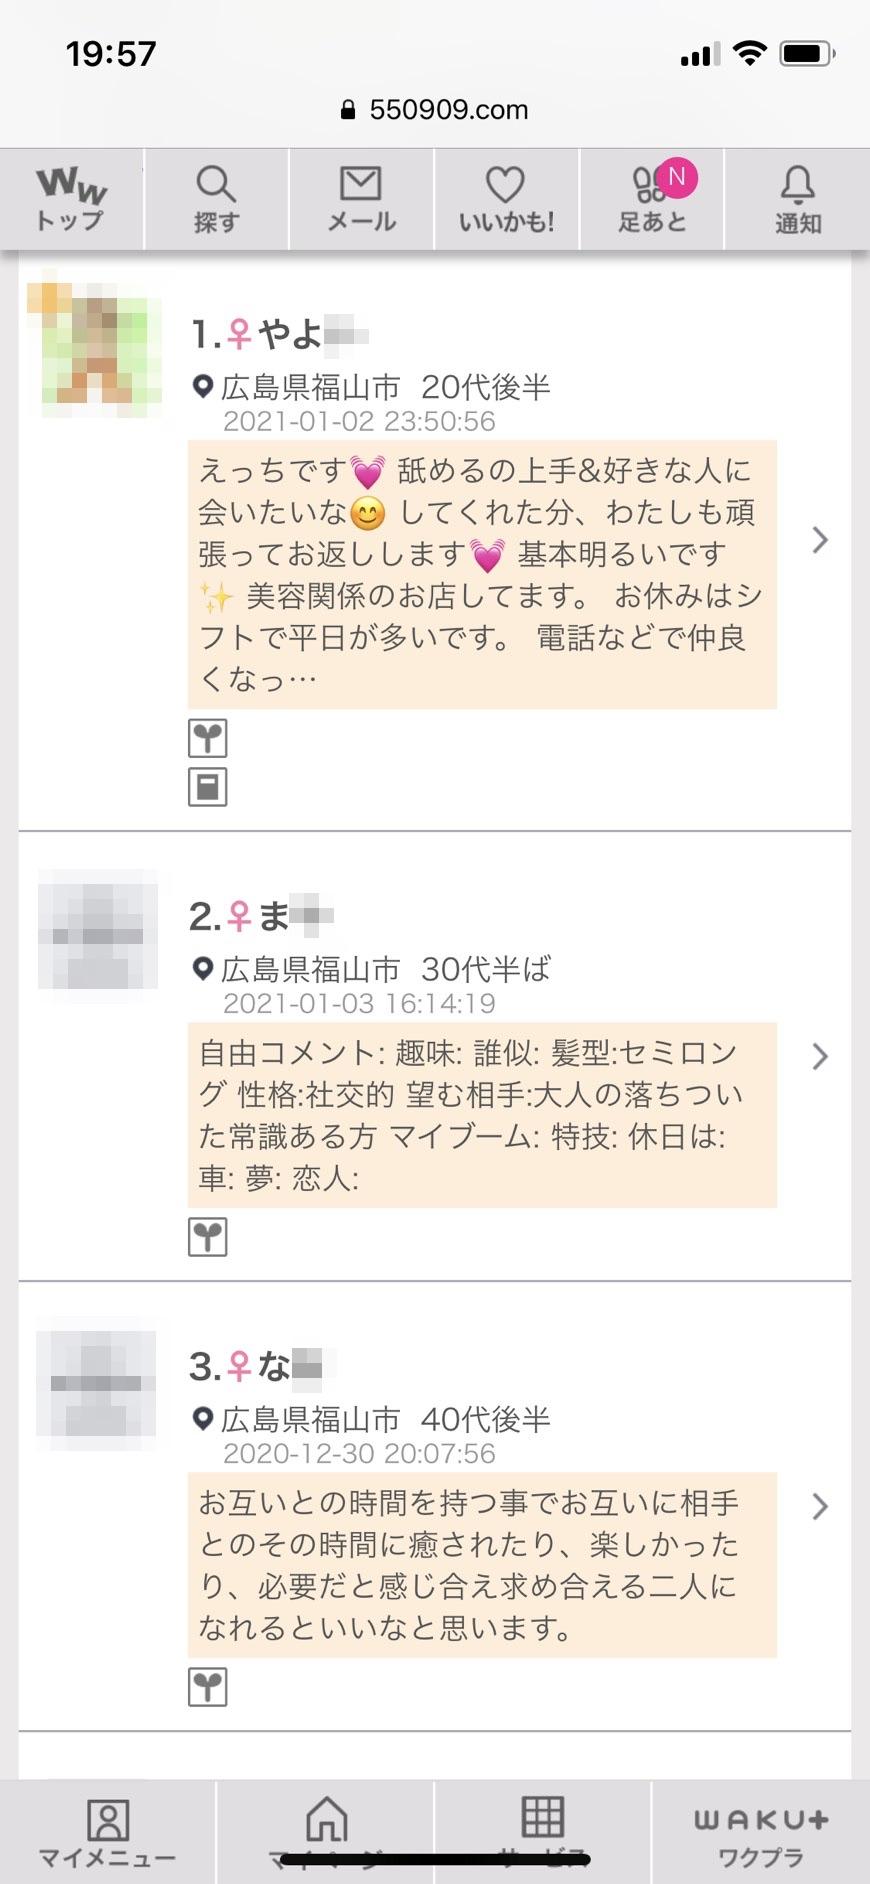 福山・セックス(ワクワクメール)